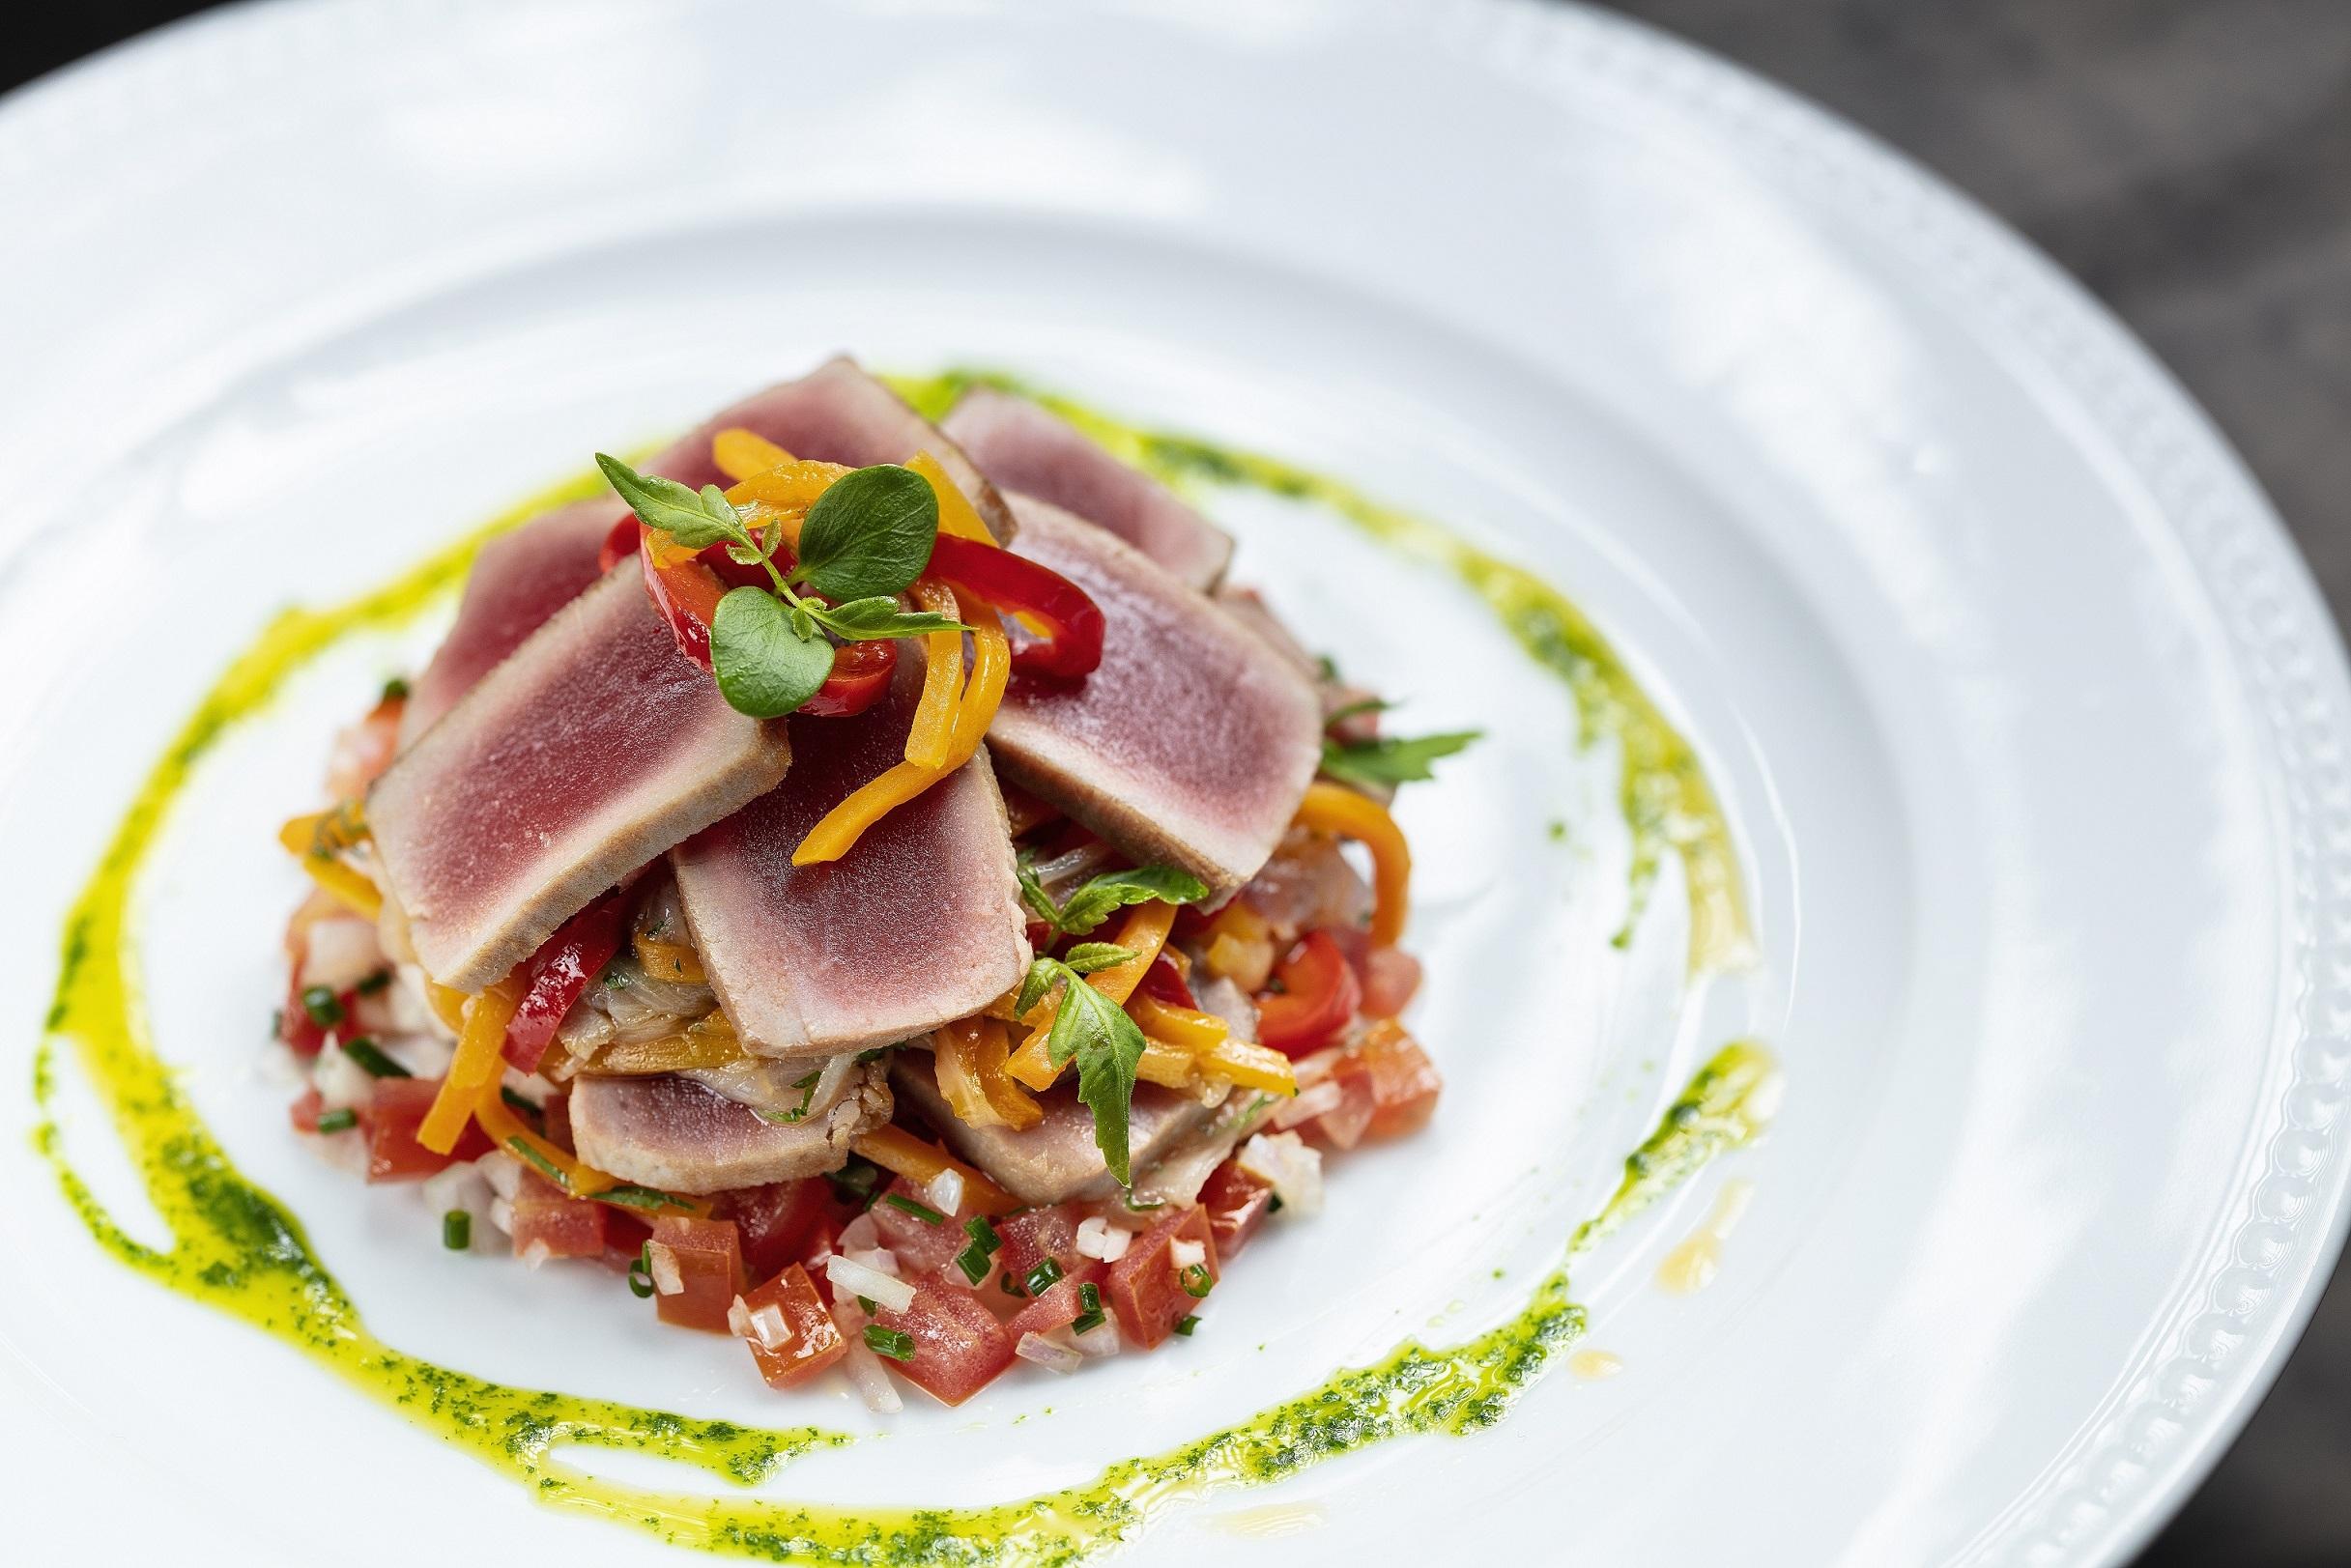 Sands-Cotai-Central-Chiado-restaurant-Tuna-tataki-with-vegetable-escabeche-and-tomato-tartare